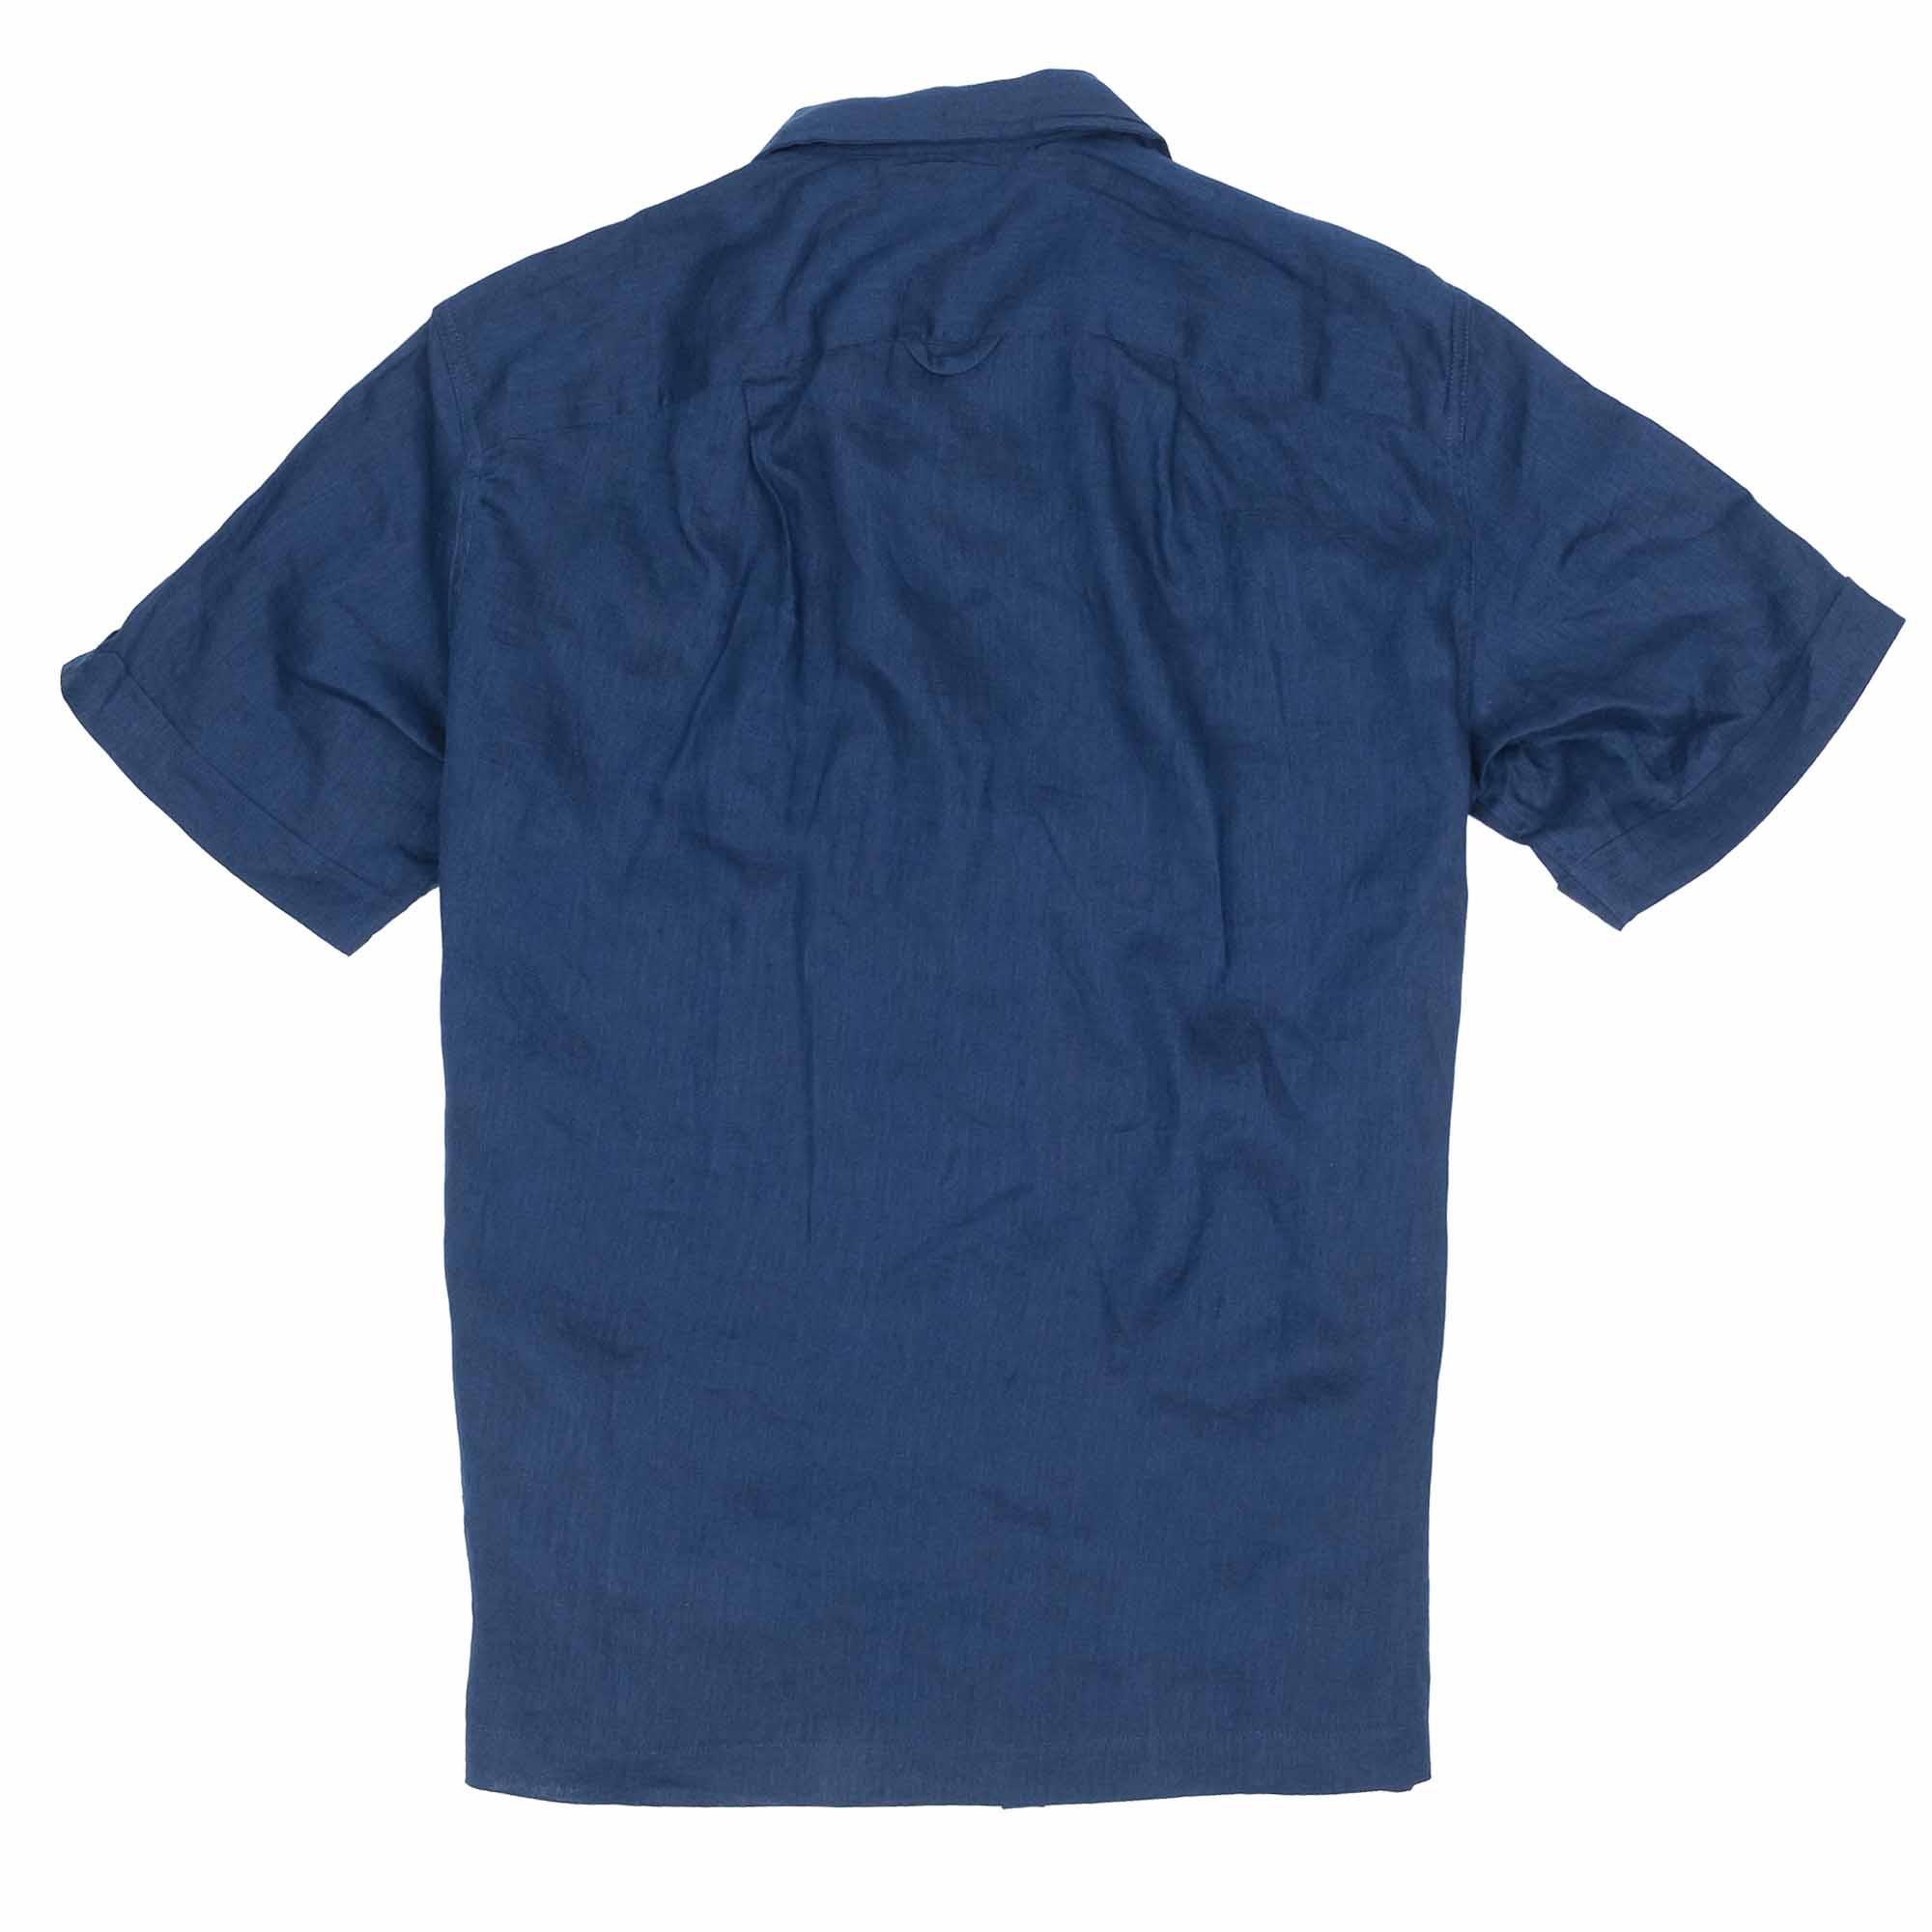 Monitaly Vacation Shirt - Lt Linen Navy